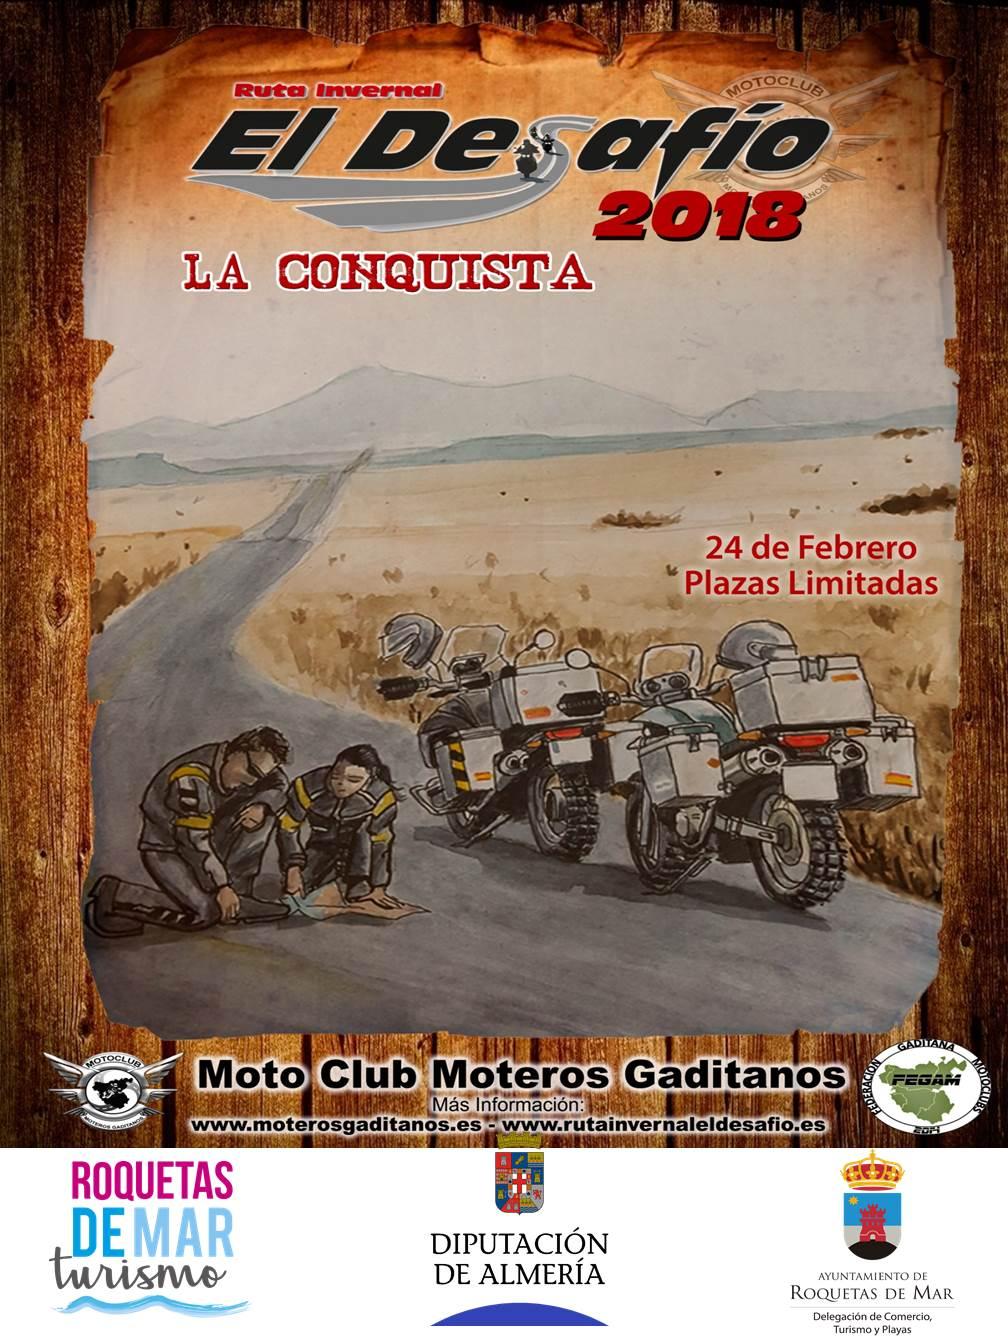 Arranca en Roquetas de Mar la 7º edición de la Ruta Invernal El Desafio 2018 – La Conquista